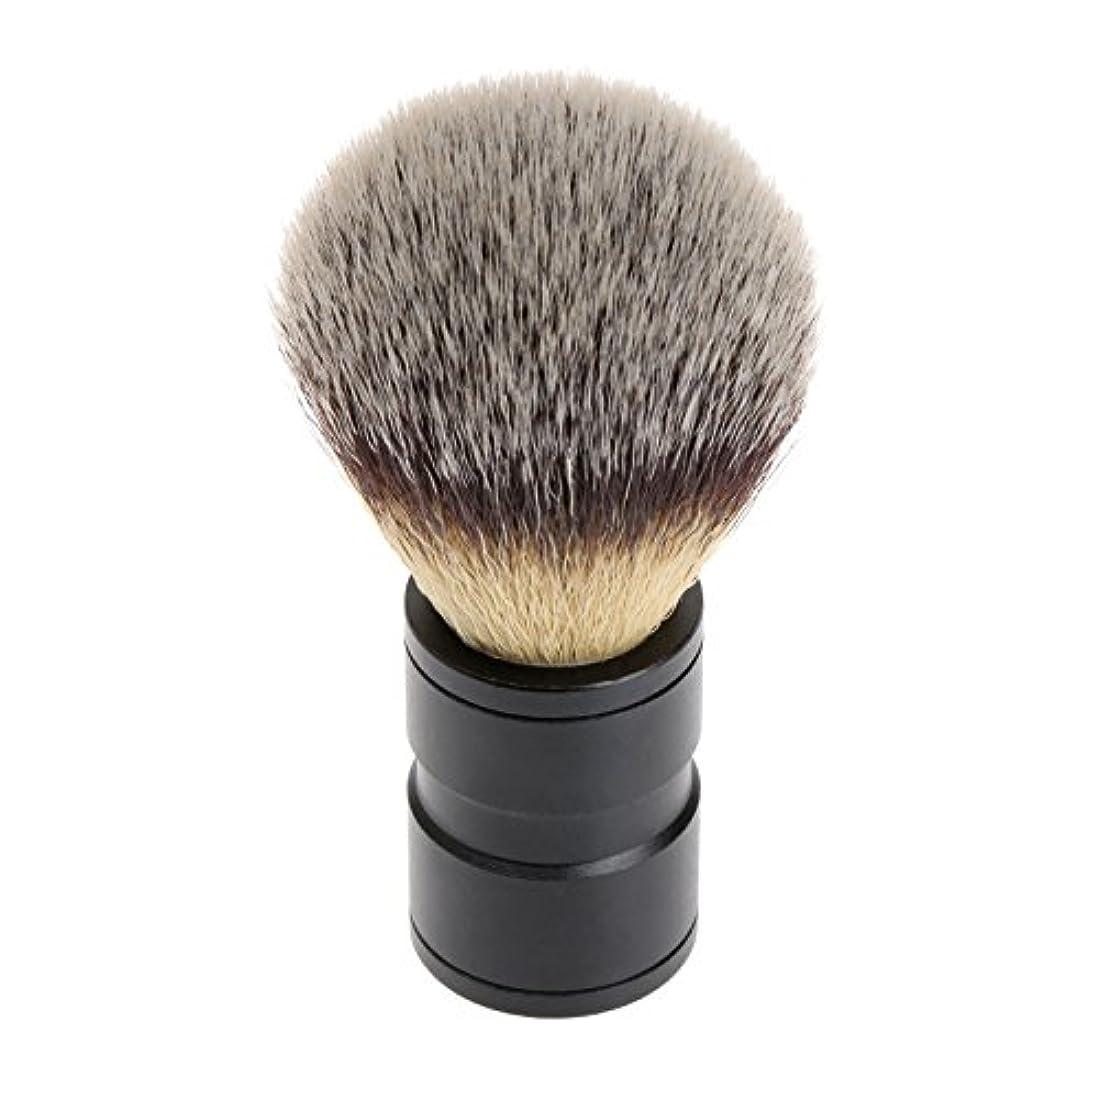 ありそうシーン最大限シェービング ブラシ 理容 洗顔 髭剃り マッサージ 効果 ナイロン毛 メンズ